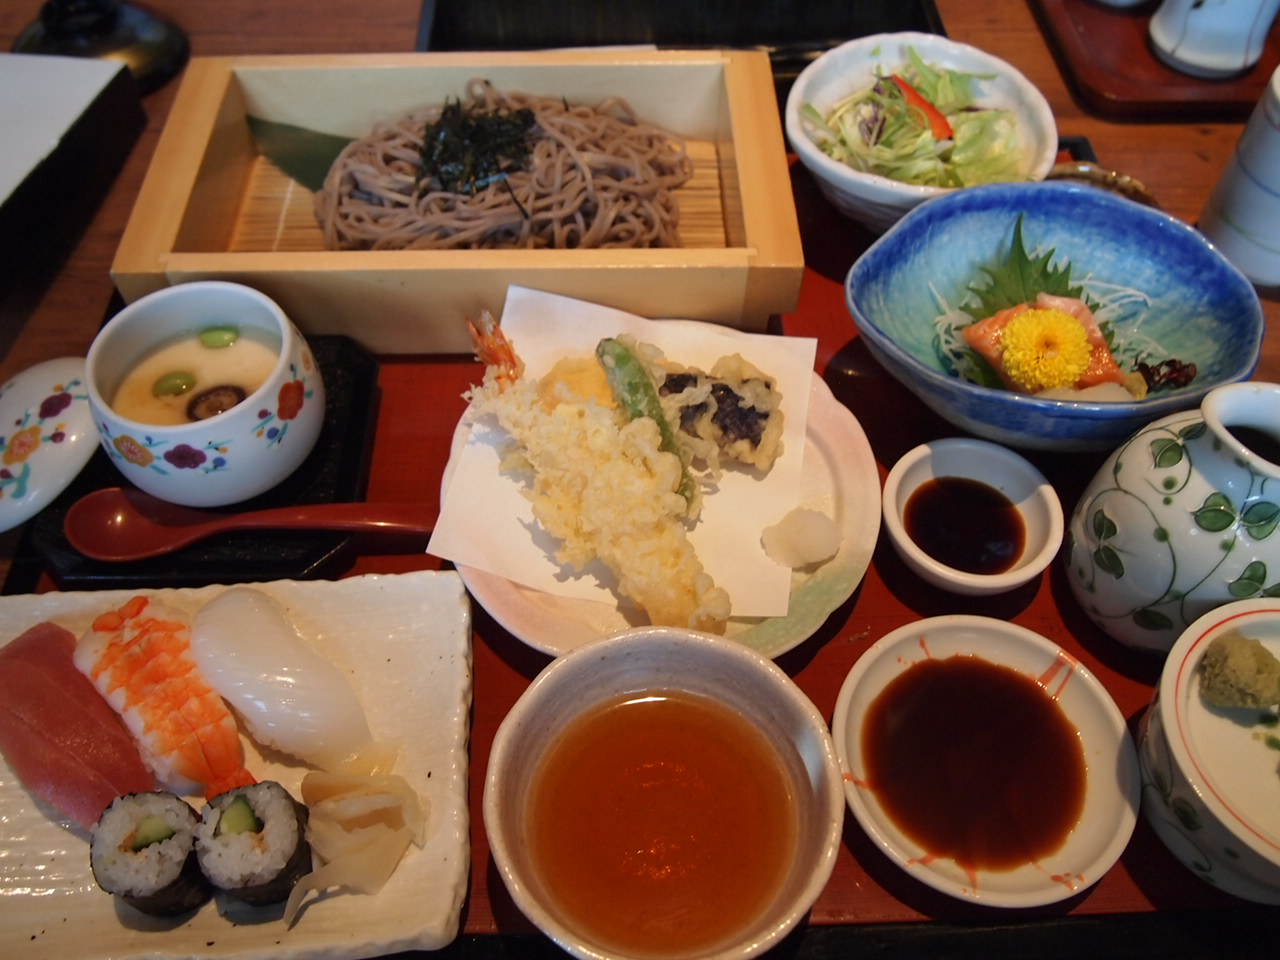 音羽茶屋 芦屋店   海鮮料理、懐石・会席料理_d0083265_22303911.jpg